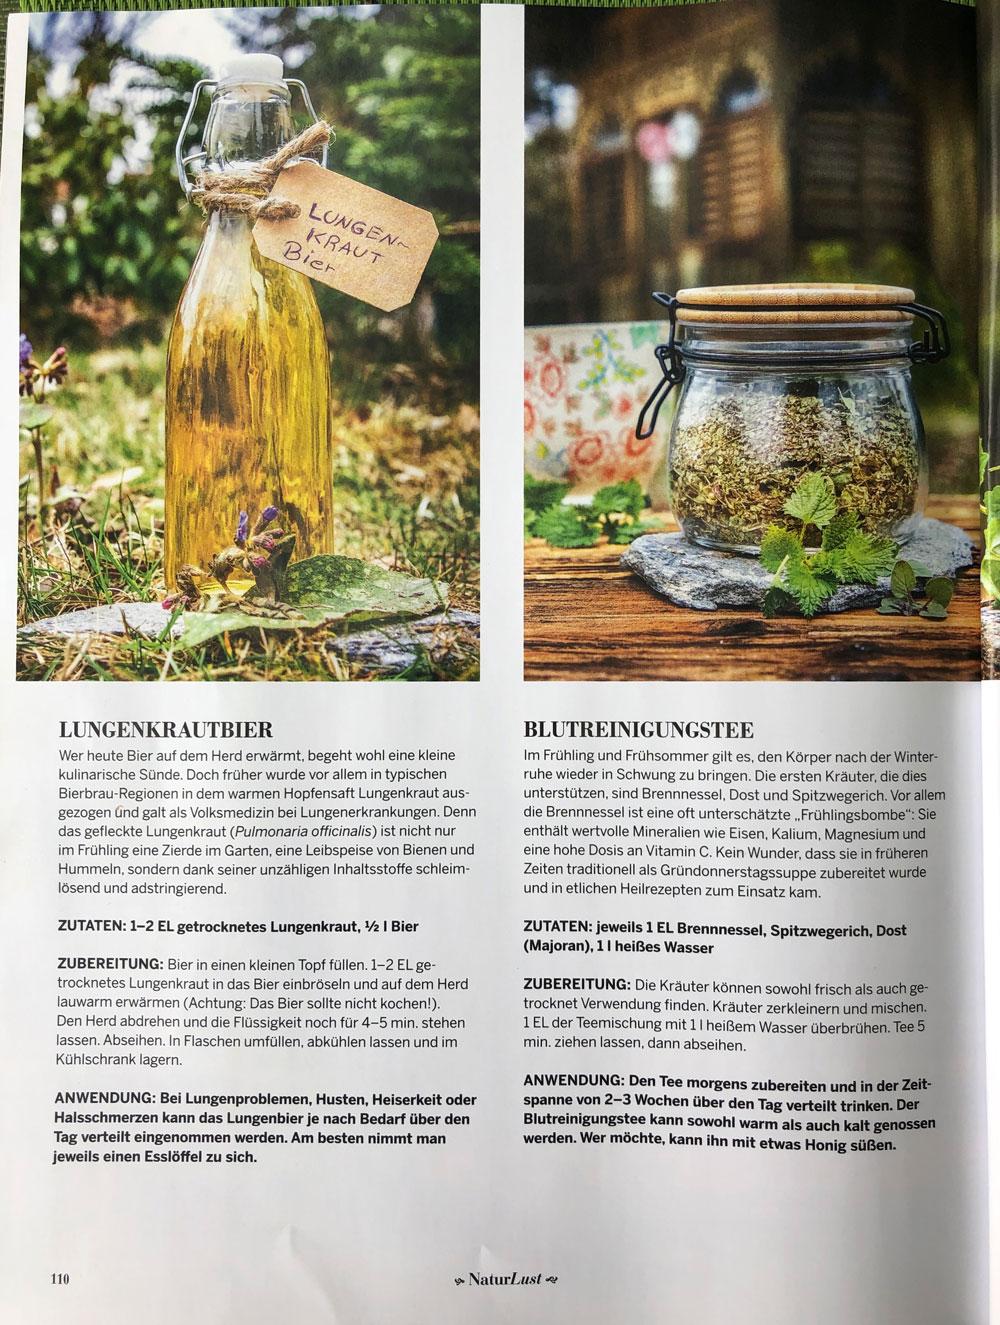 Fotos und Rezepte Luntenkrautbier und Blutreinigungstee